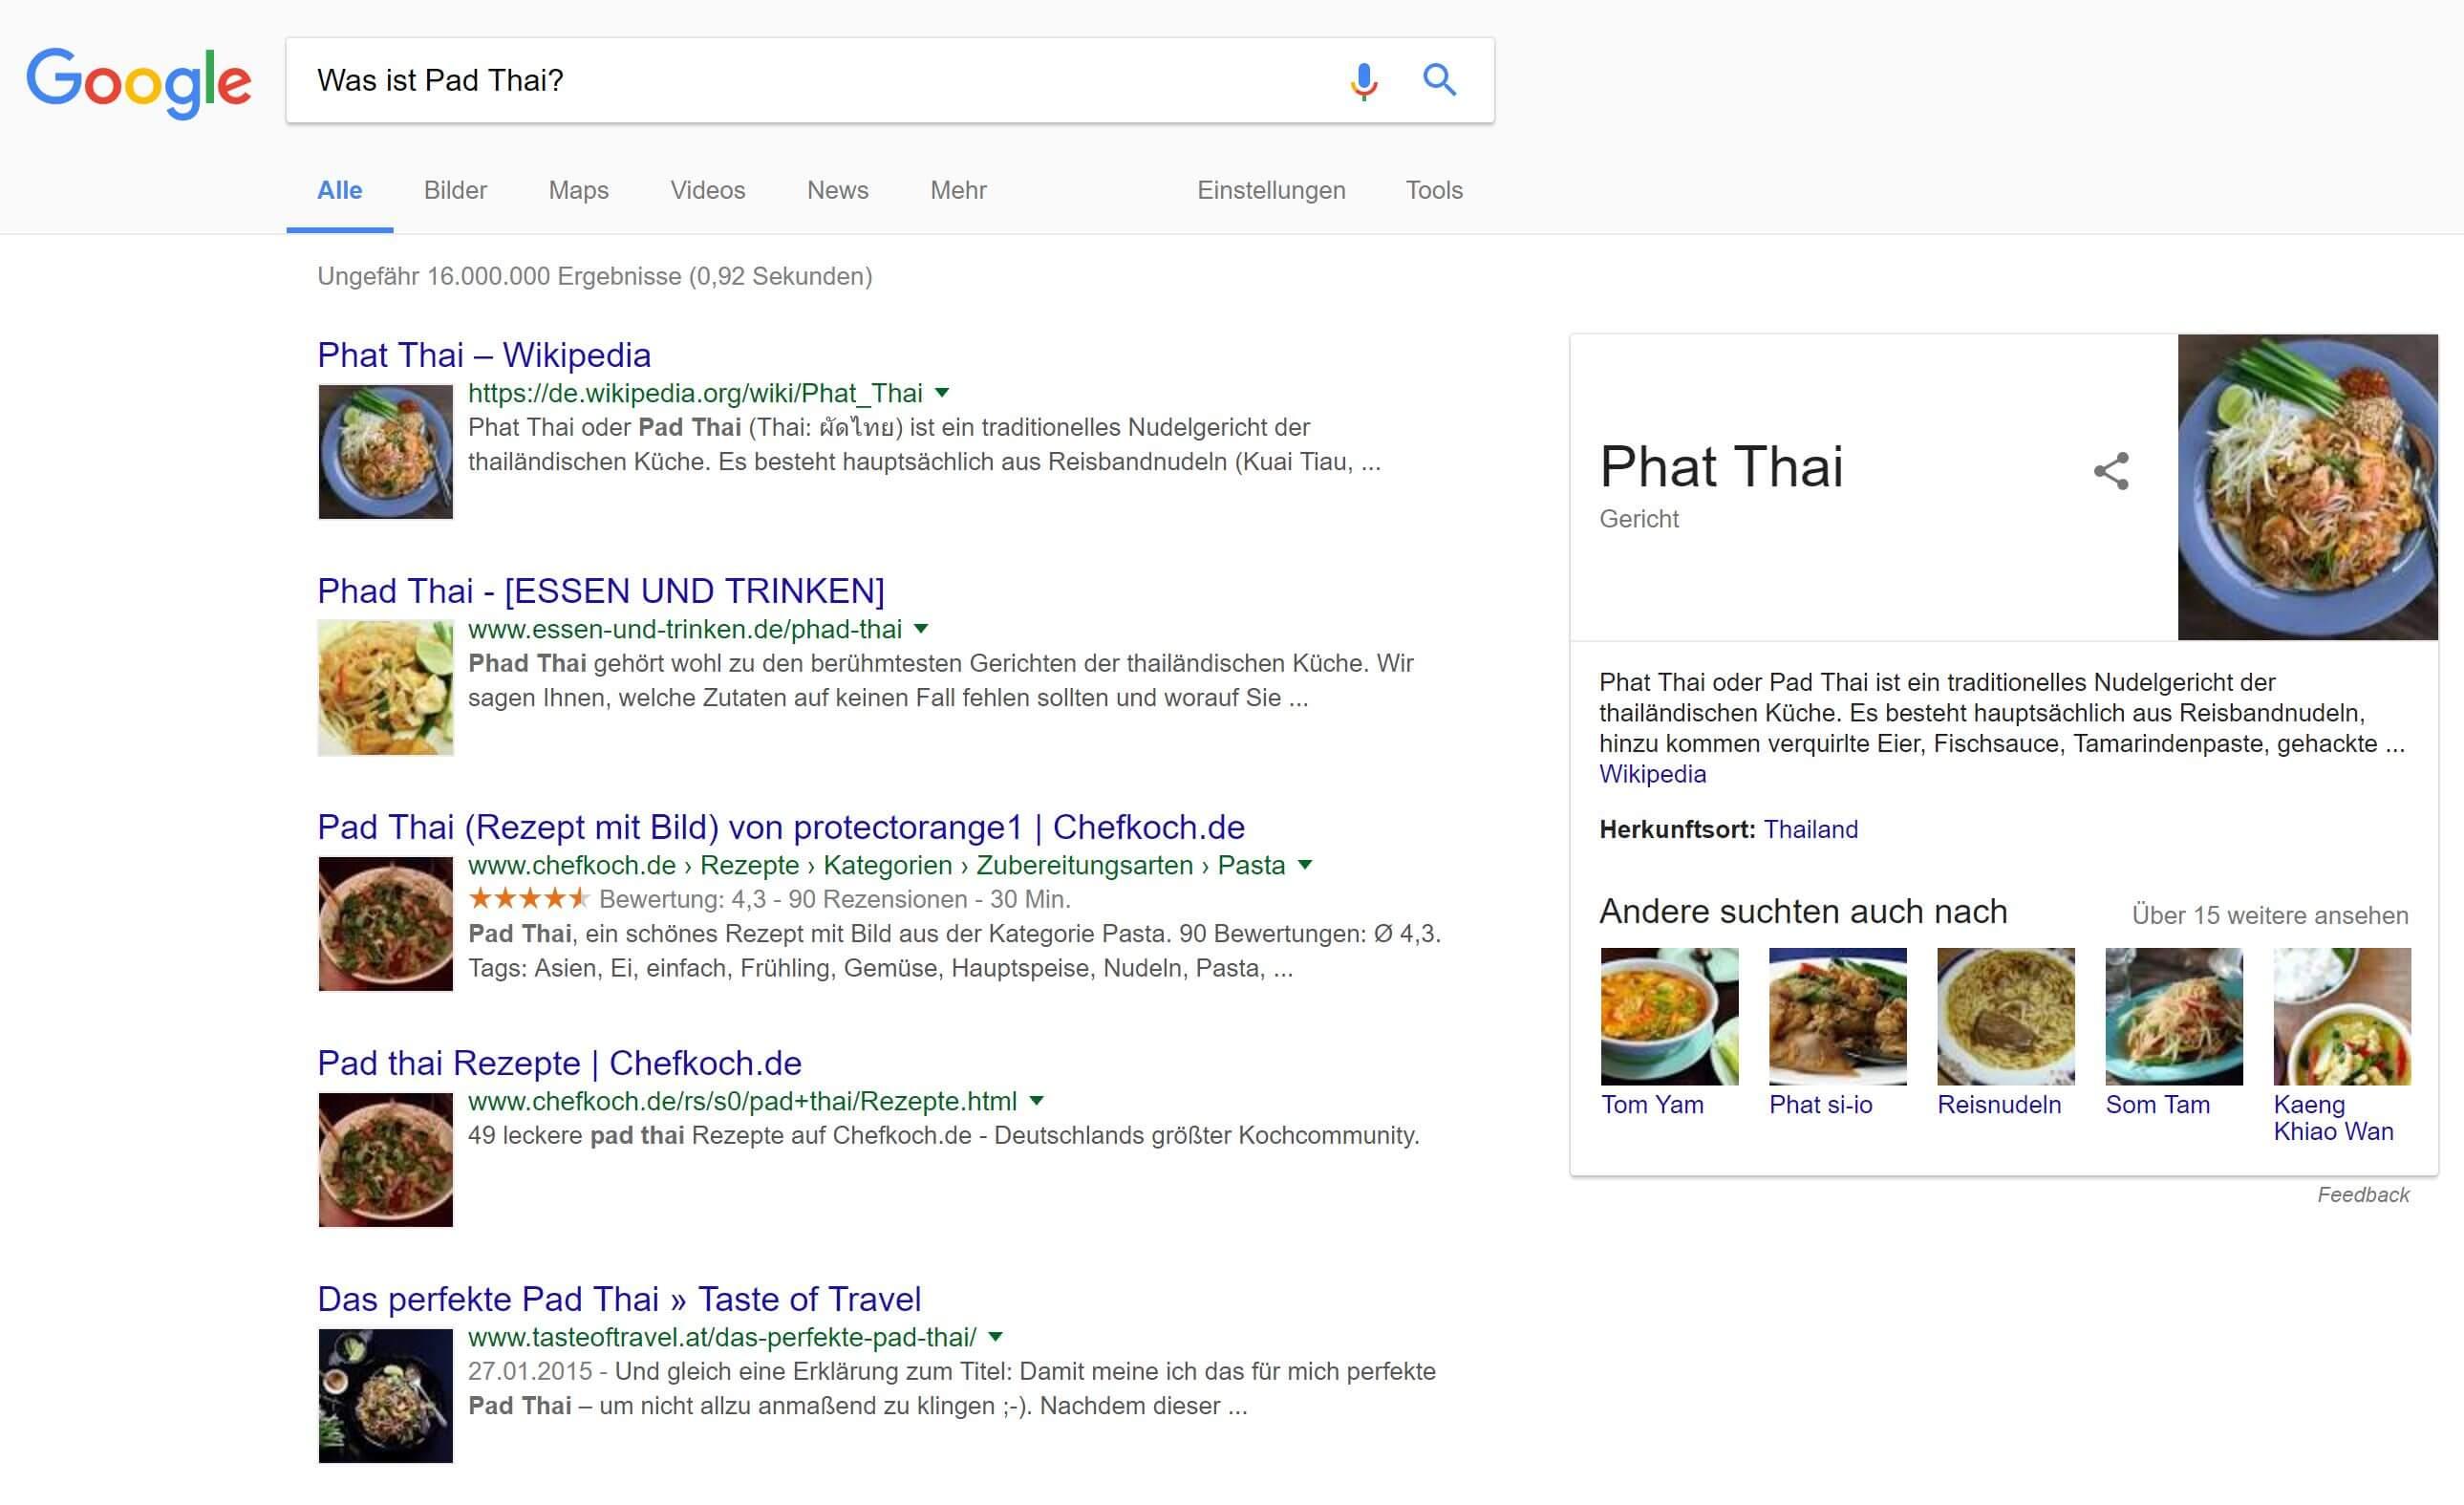 google was ist pad thai